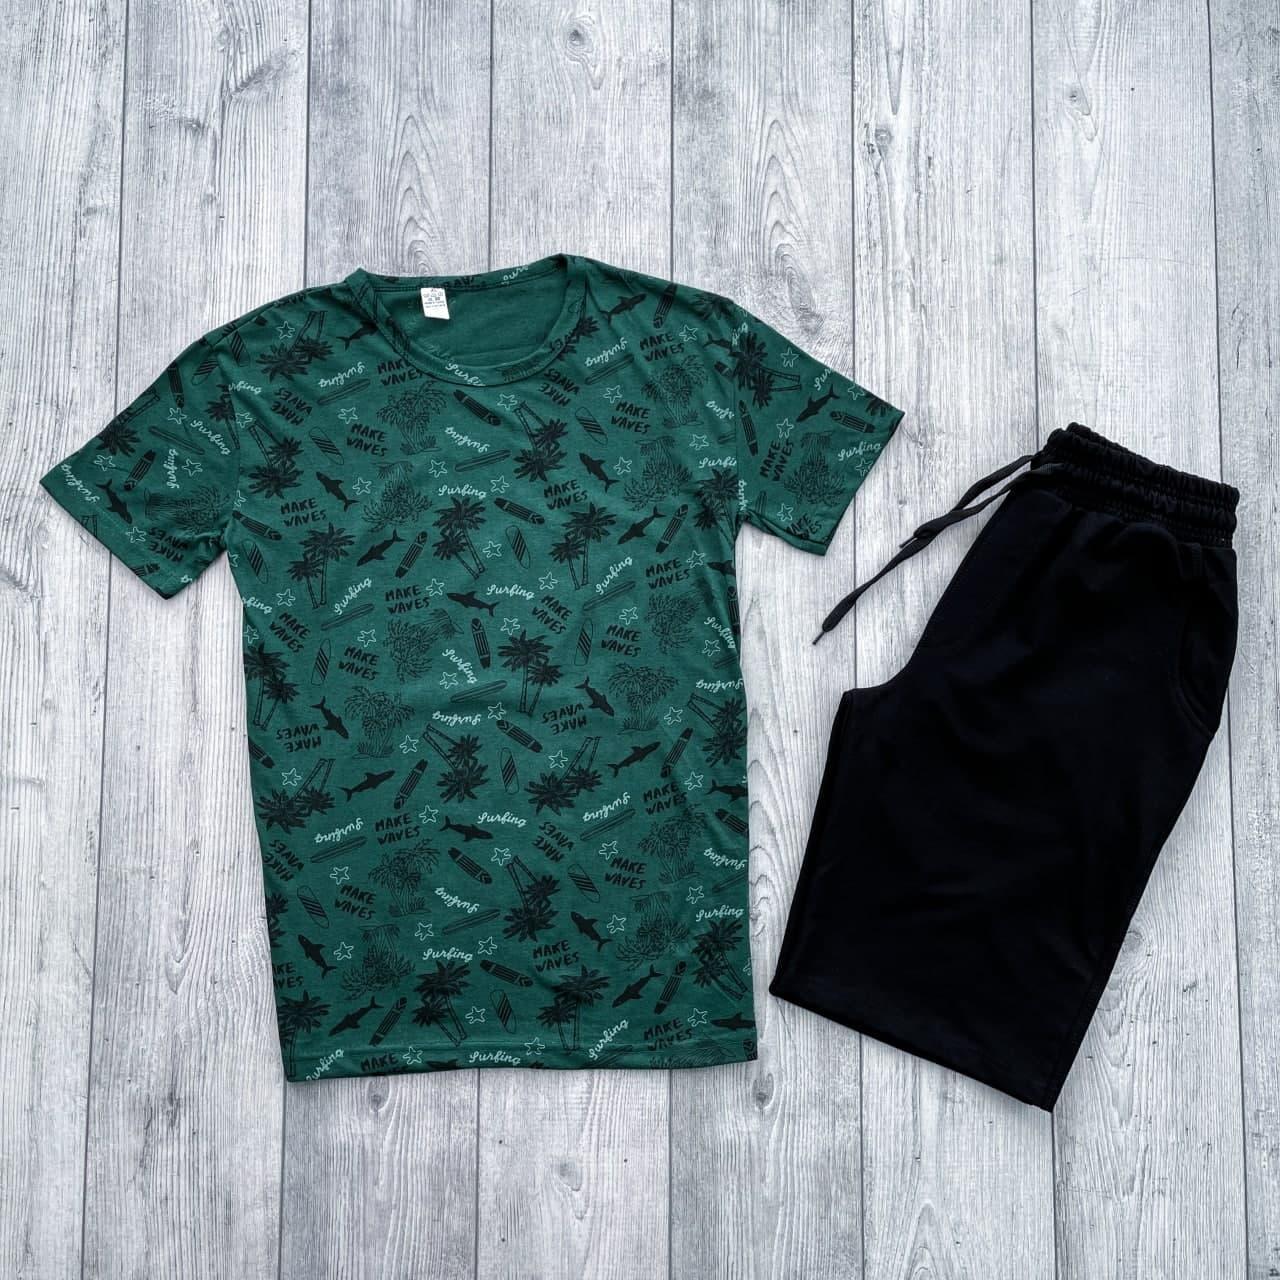 Футболка + шорти чоловічий комплект. Літній костюм шорти + футболка.